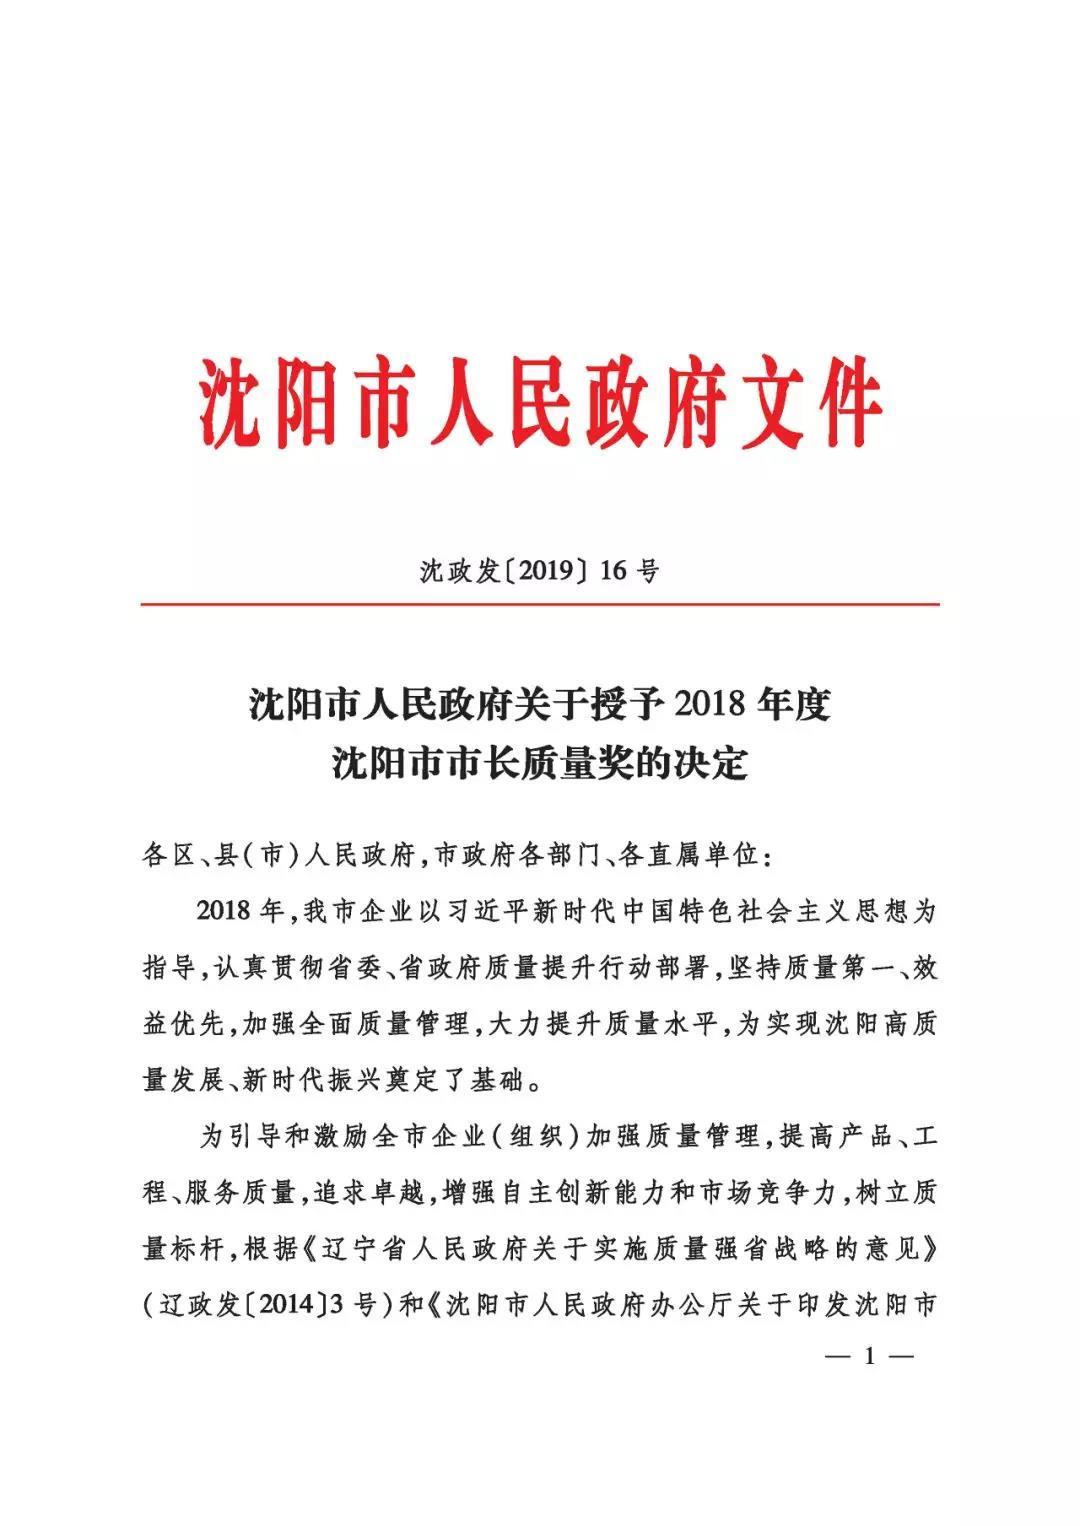 沈鼓集团获得沈阳市市长质量奖